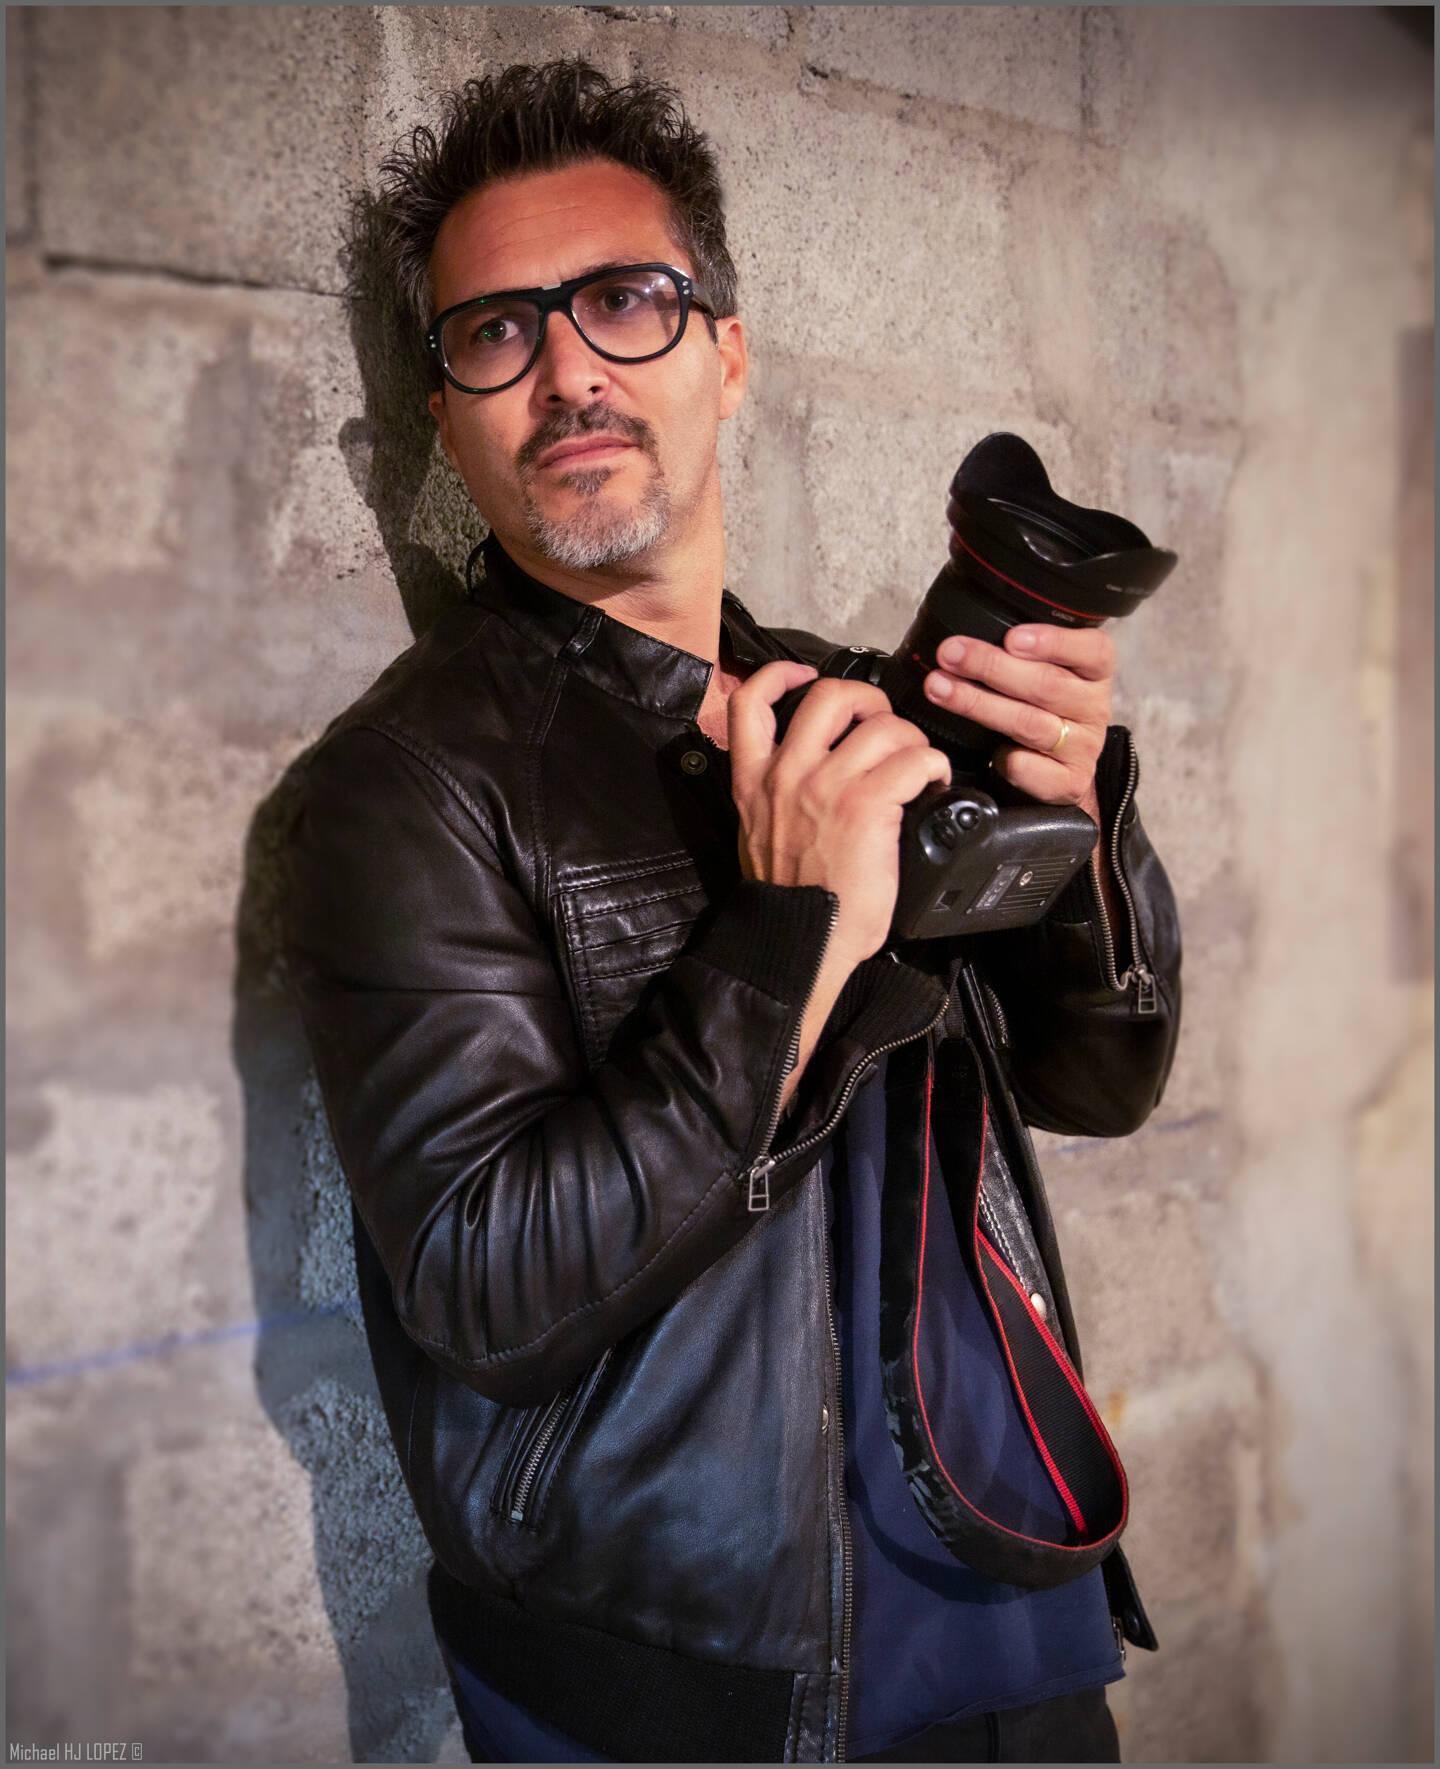 Michael Lopez.